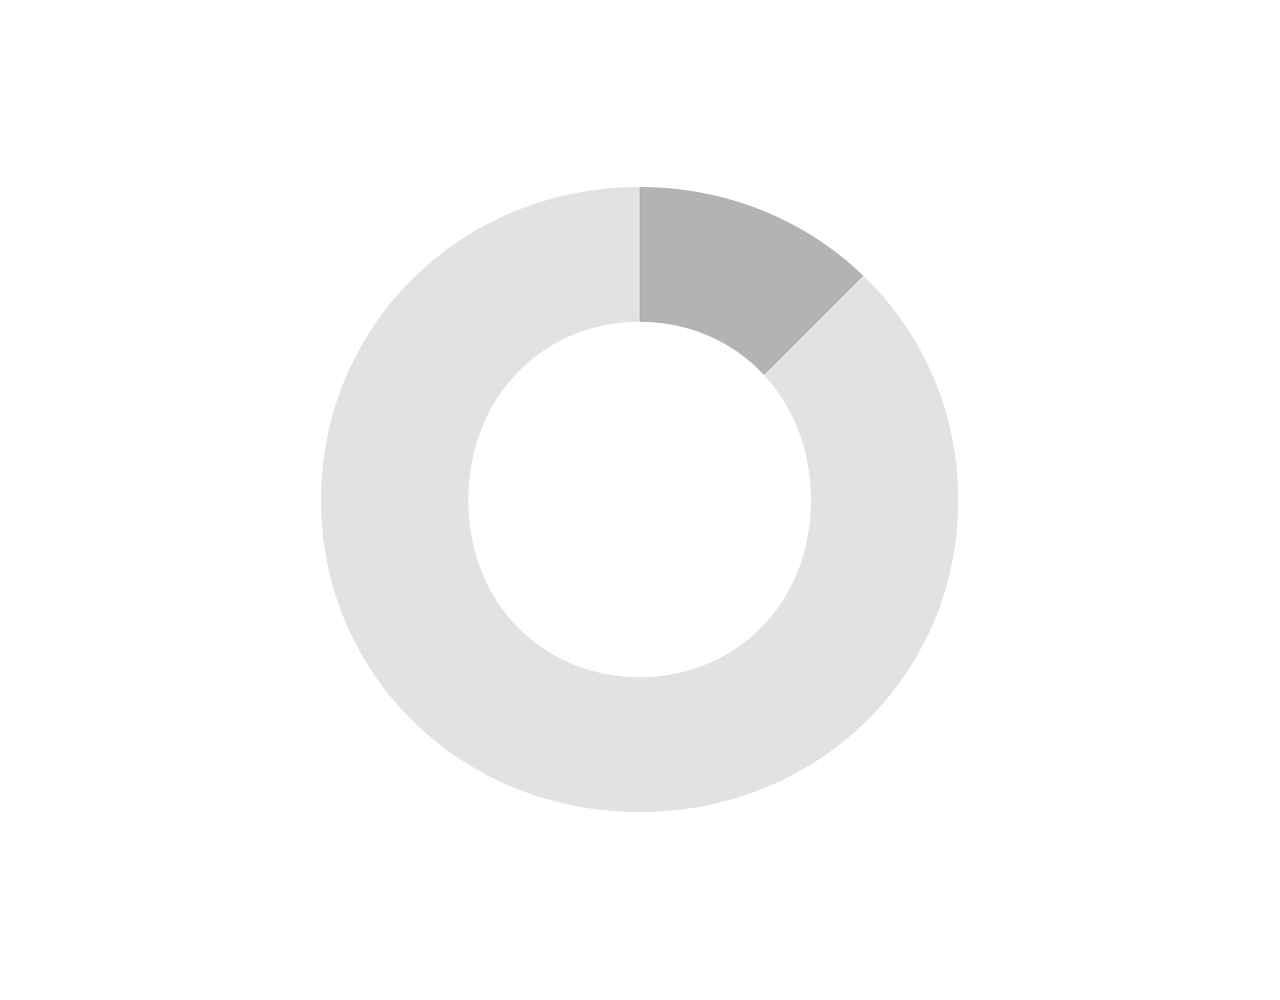 ochsner-sport-ridethealps-klausen_2021_h1_it